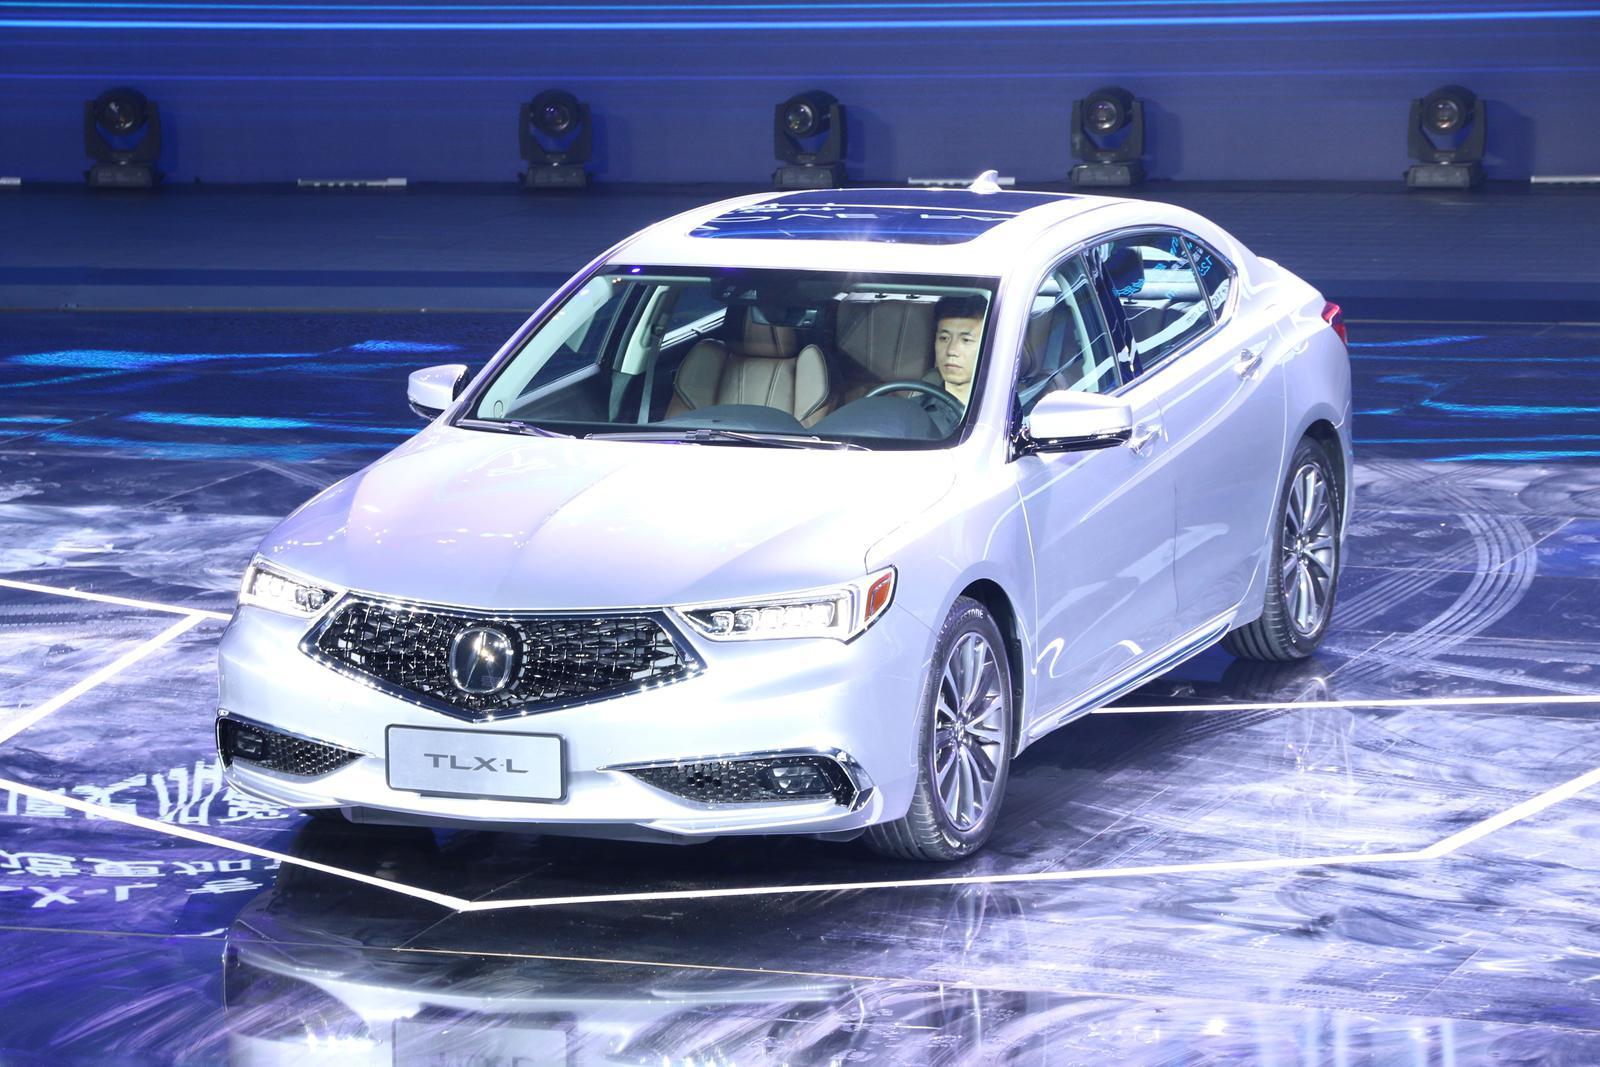 第二款国产车驾到 TLX-L预售价不高于28万